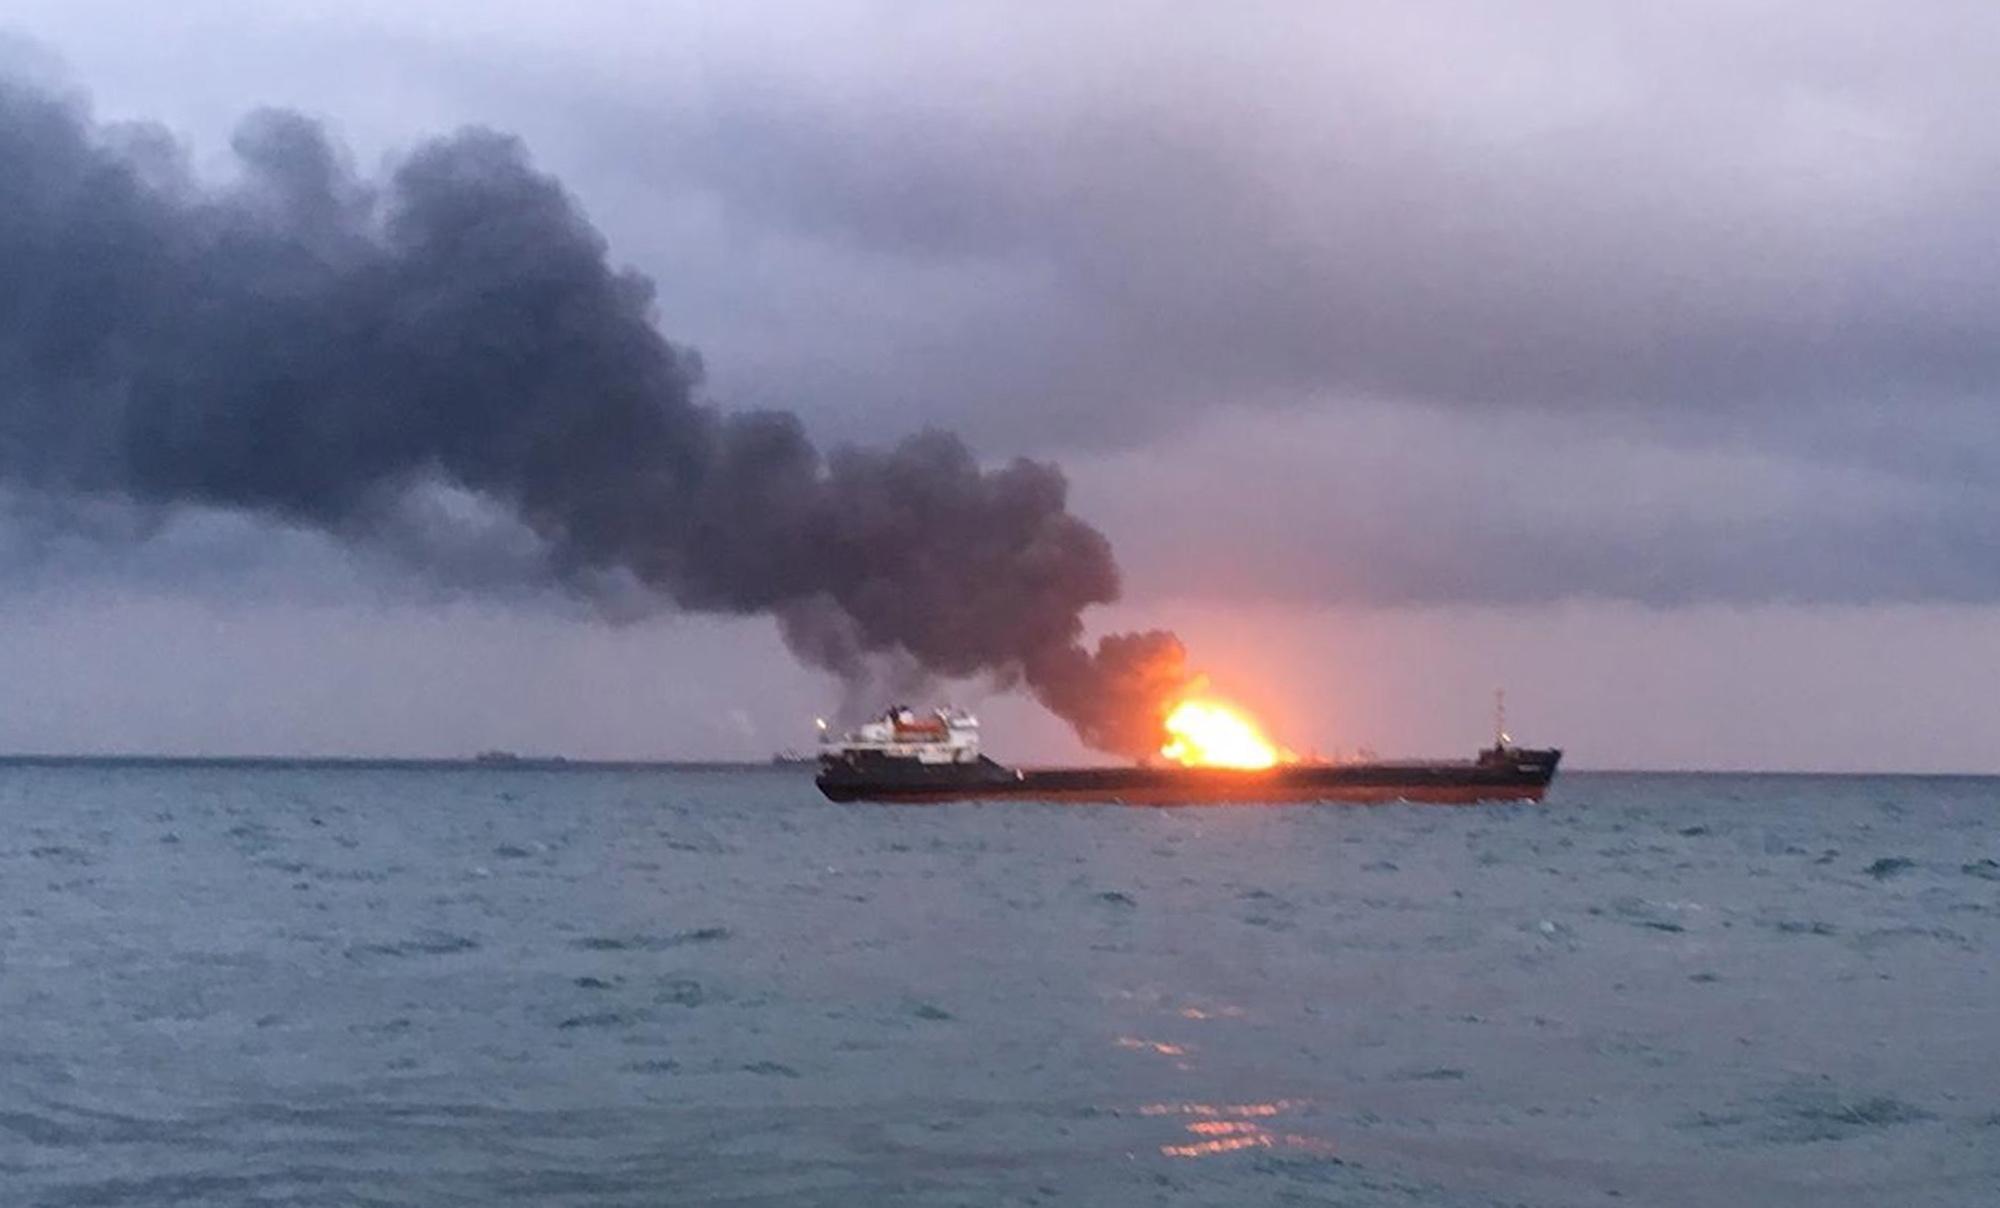 Número de mortos em acidente com navios no estreito de Kerch revisto de 10 para 14